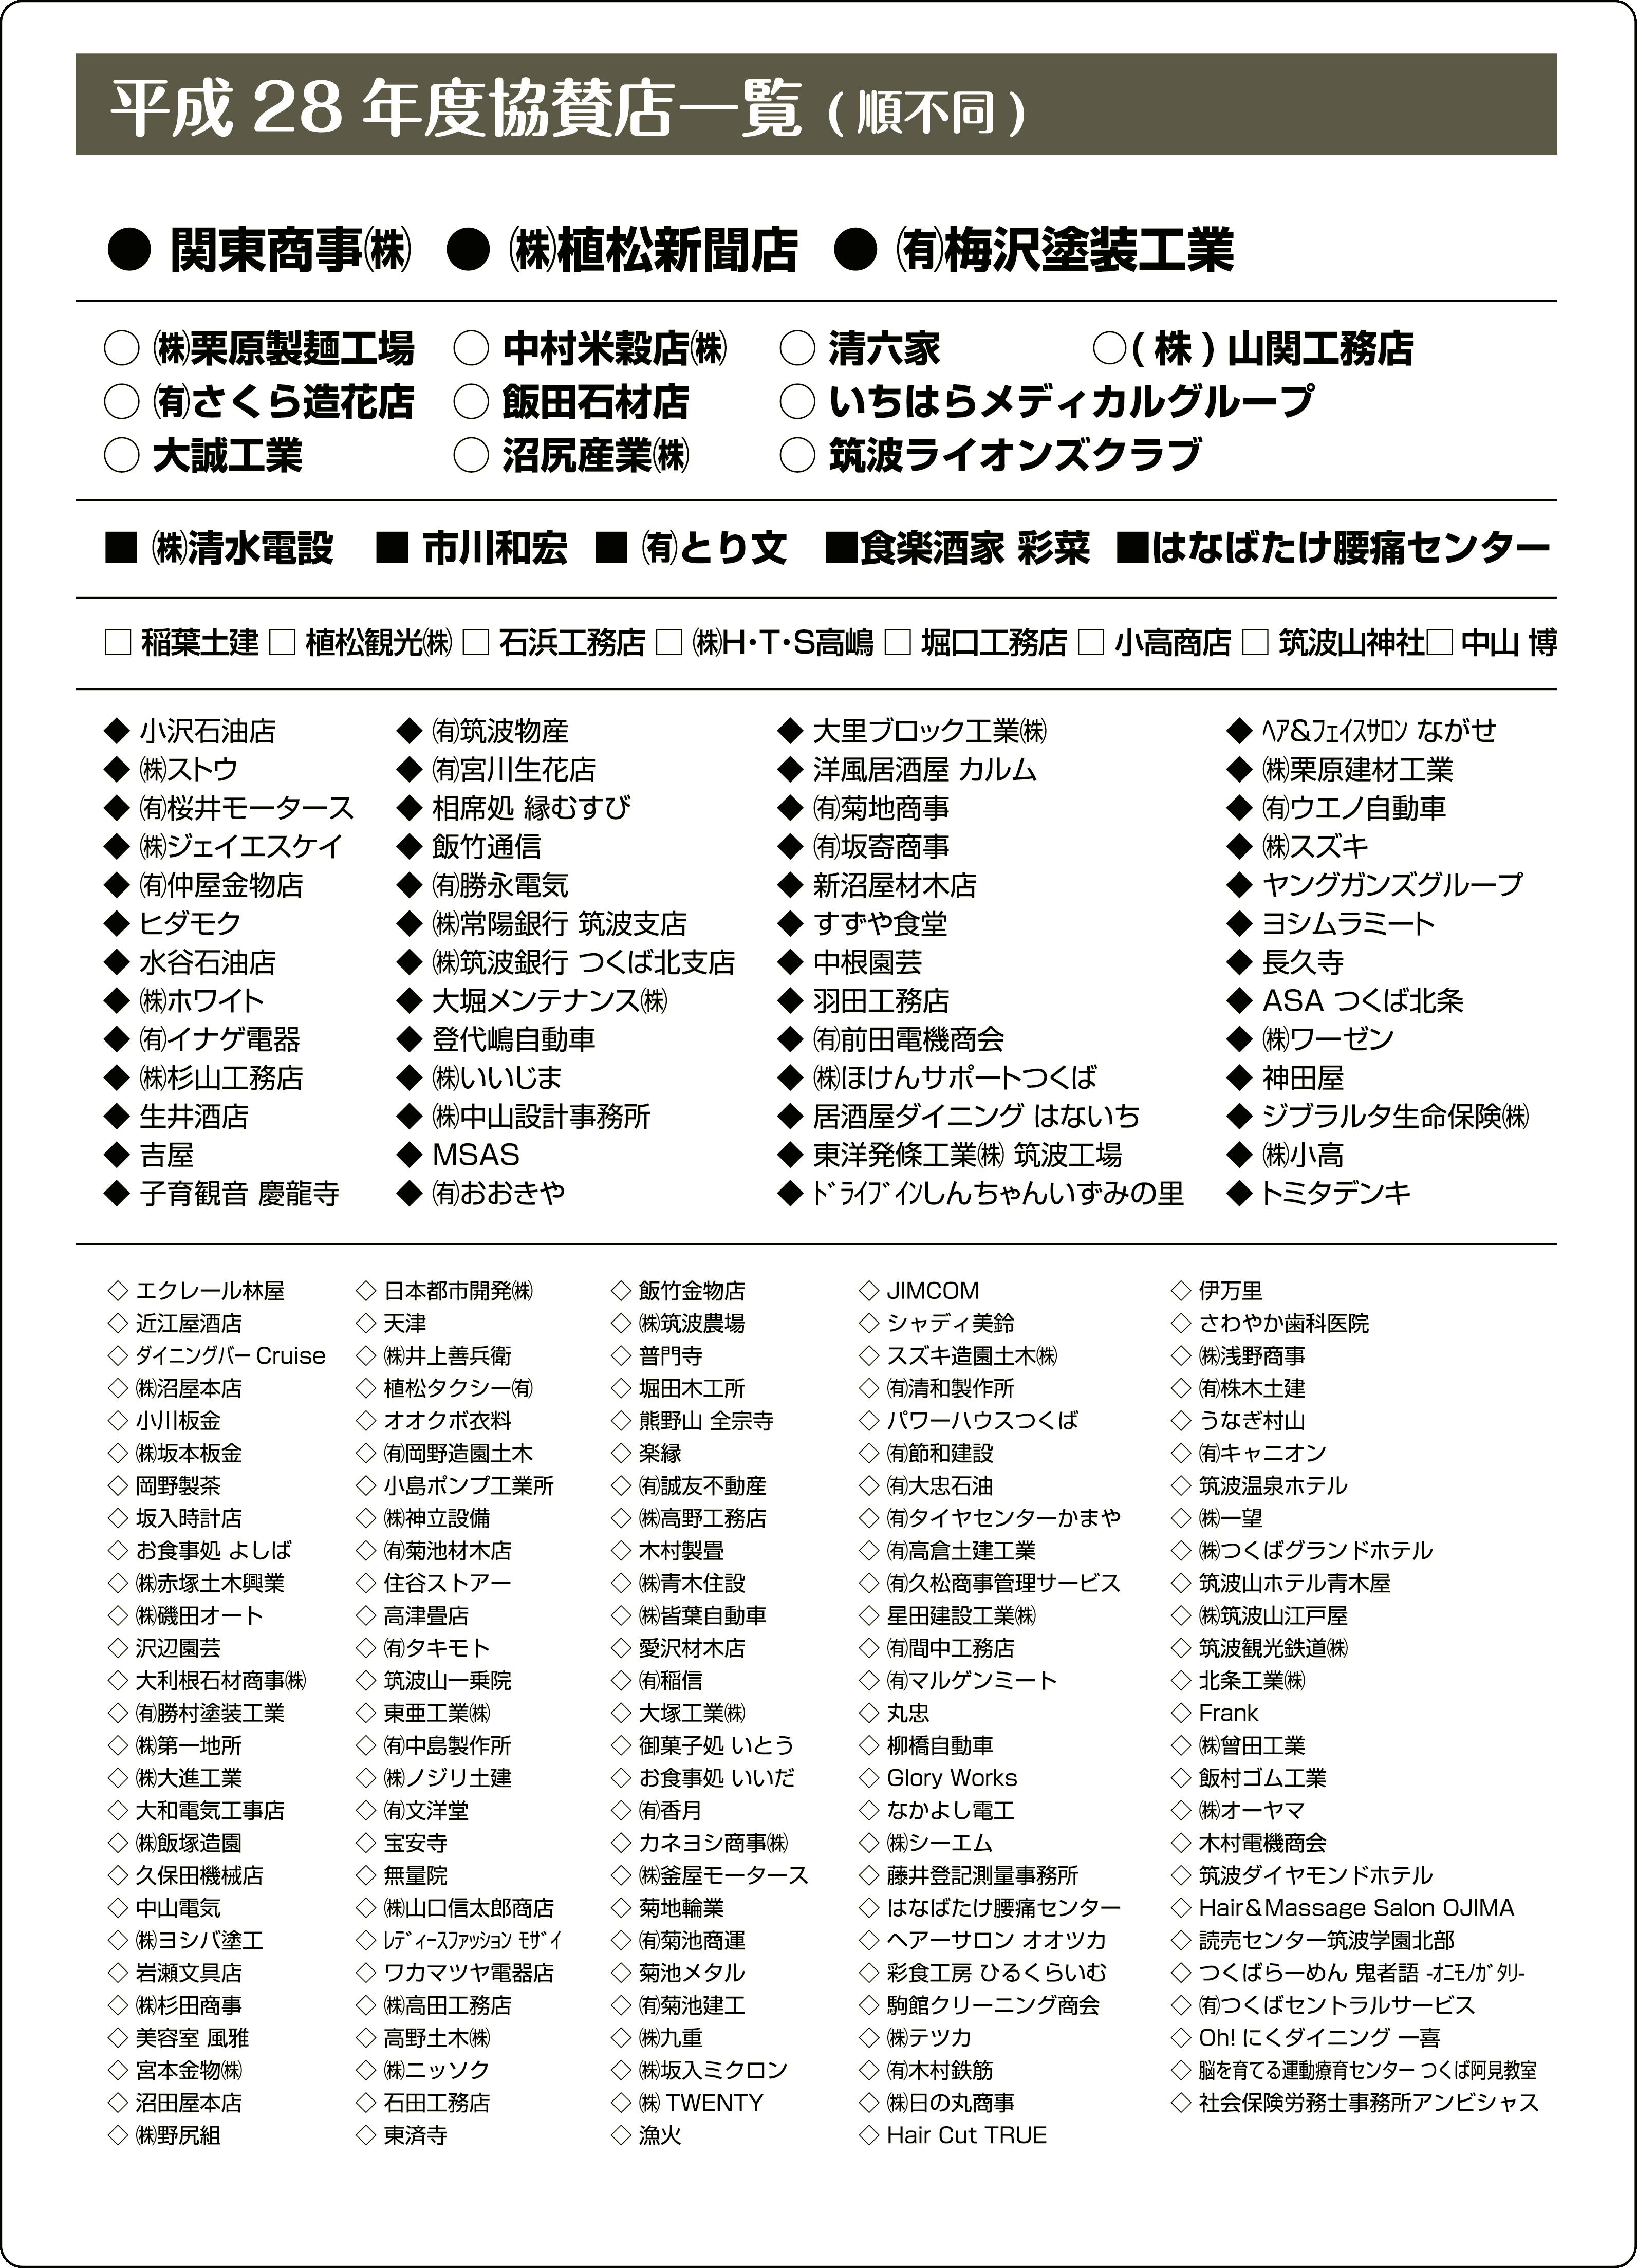 2016_kyosan